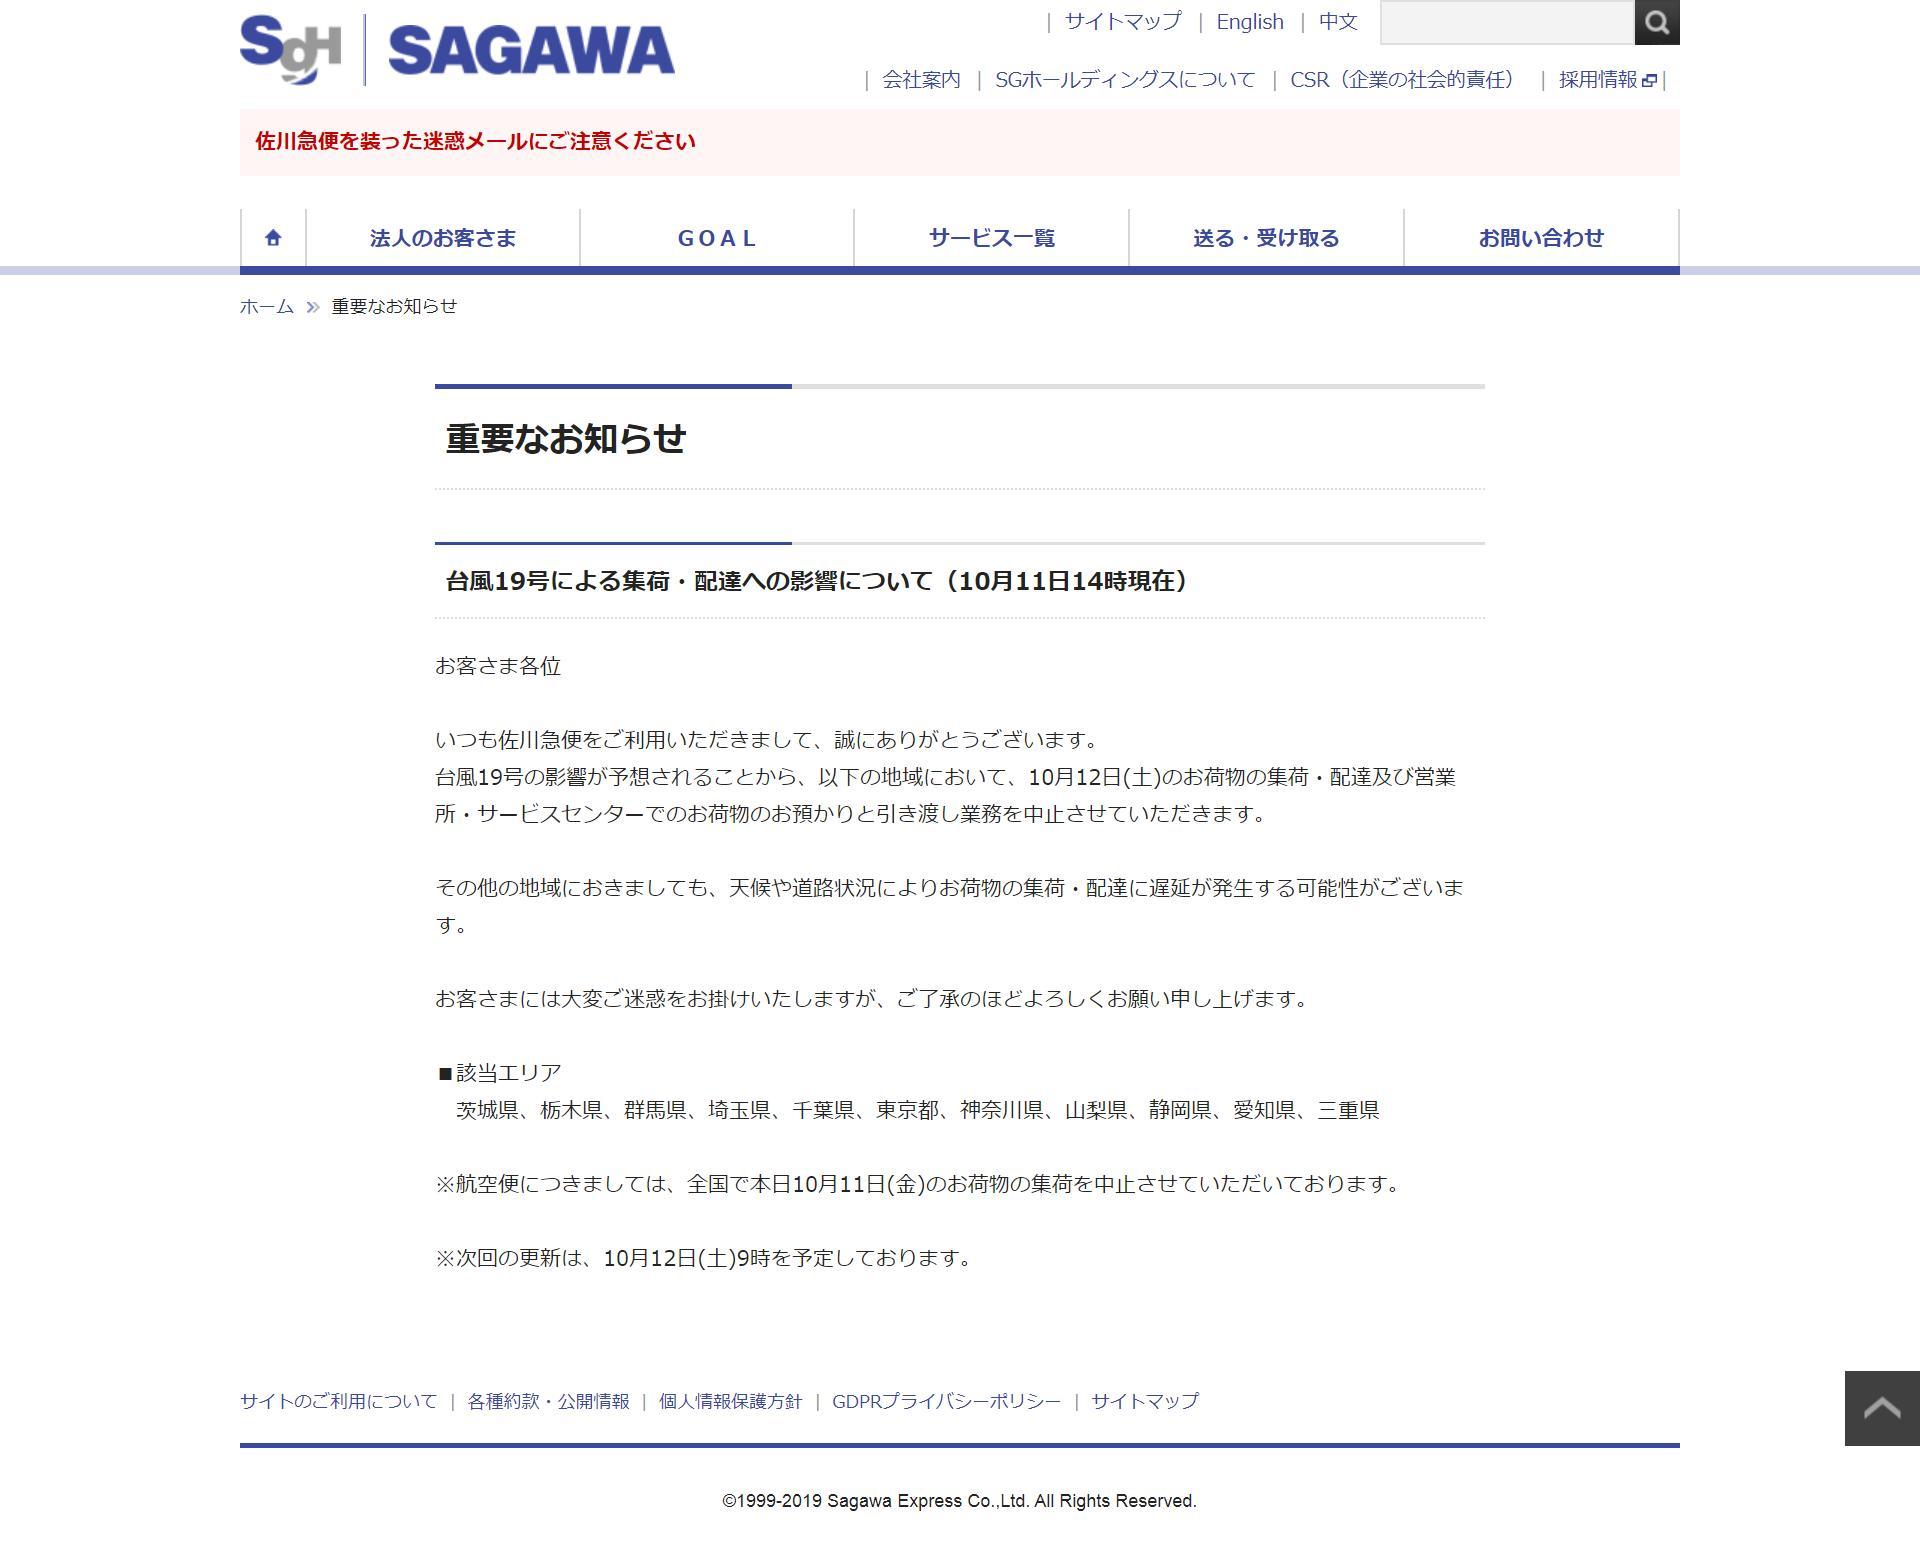 佐川・ヤマト・ゆうパックが「台風が接近する12日は安全のため集荷・配達を行わない」と宣言。えらい